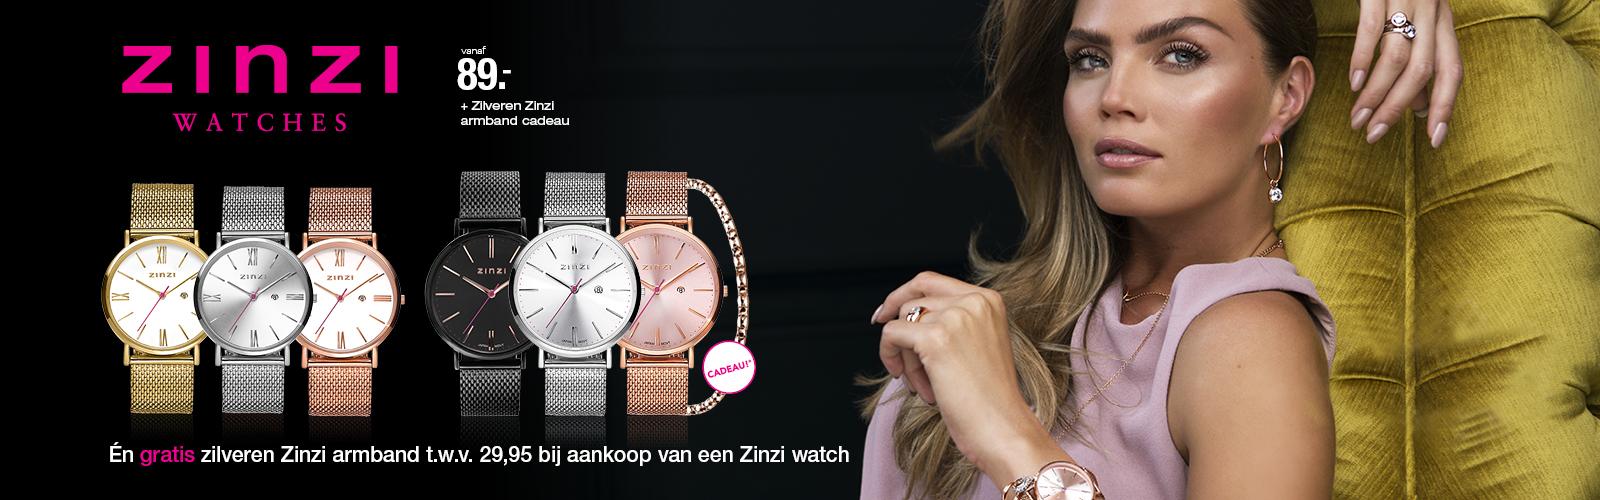 zinzi-horloges-wolters-juweliers-coevorden-emmen